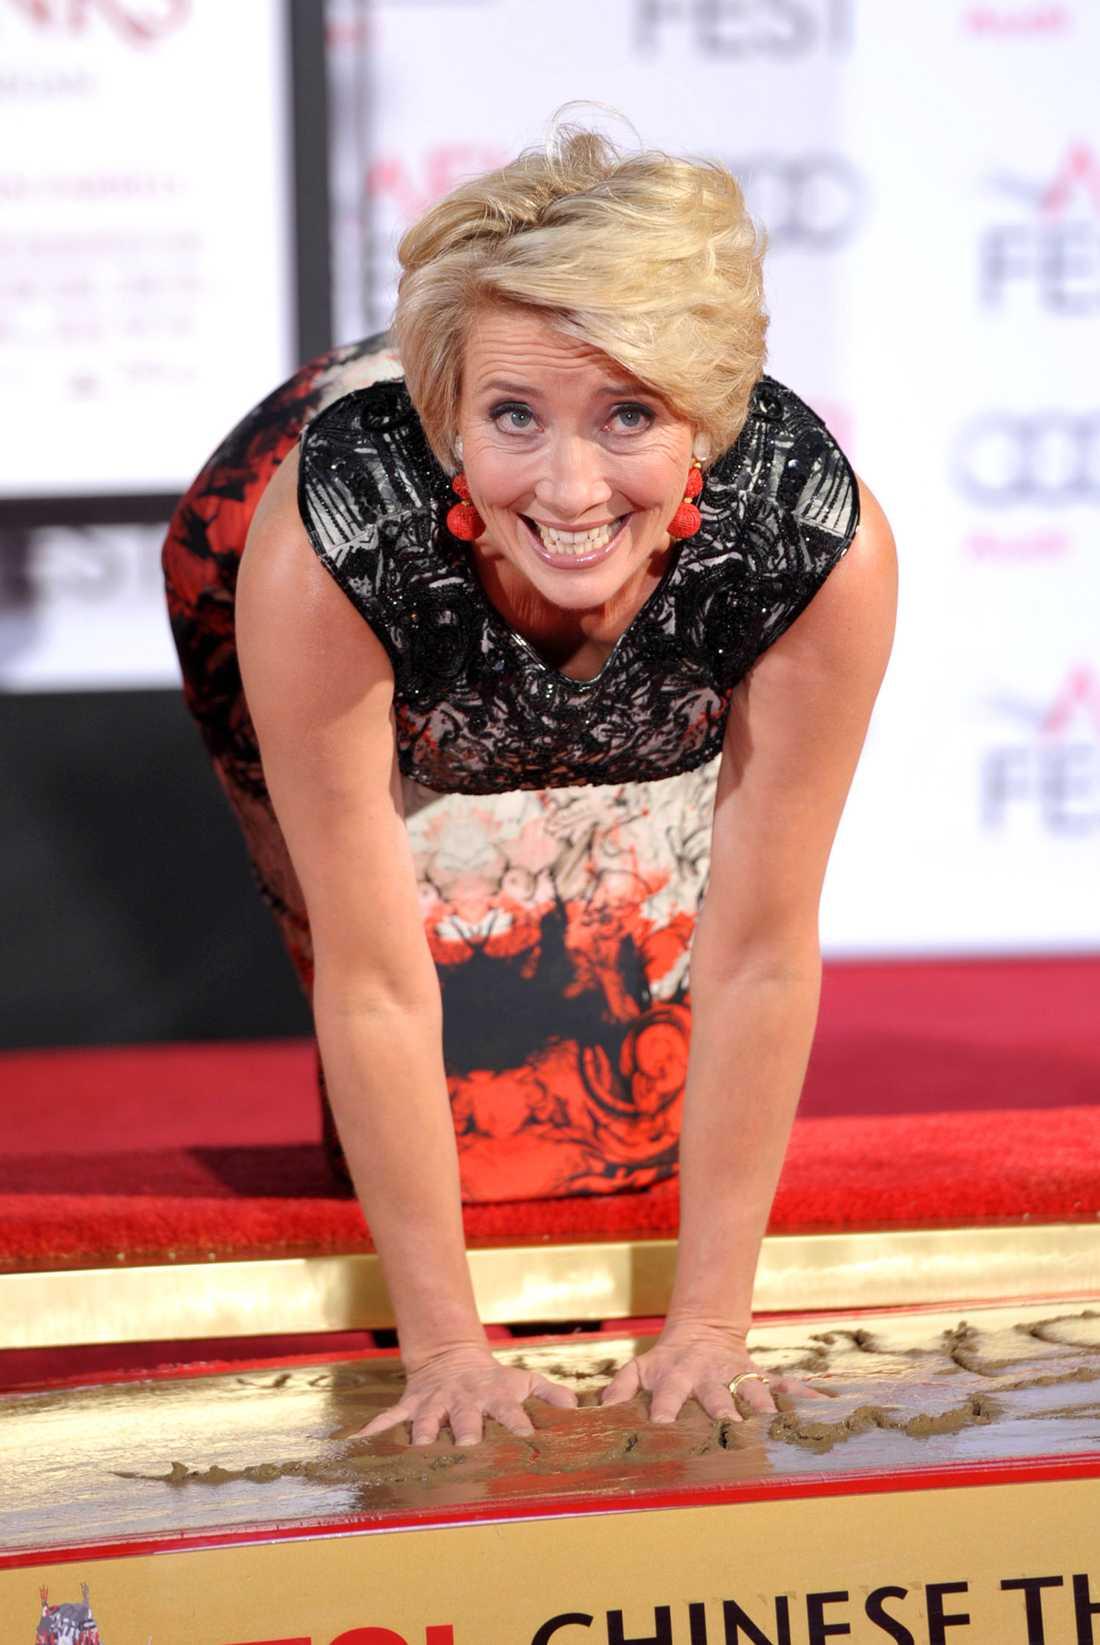 Skådespelerskan Emma Thompson lämnar sina handavtryck vid Chinese Theatre i Hollywood. Fotavtrycken är också på plats.